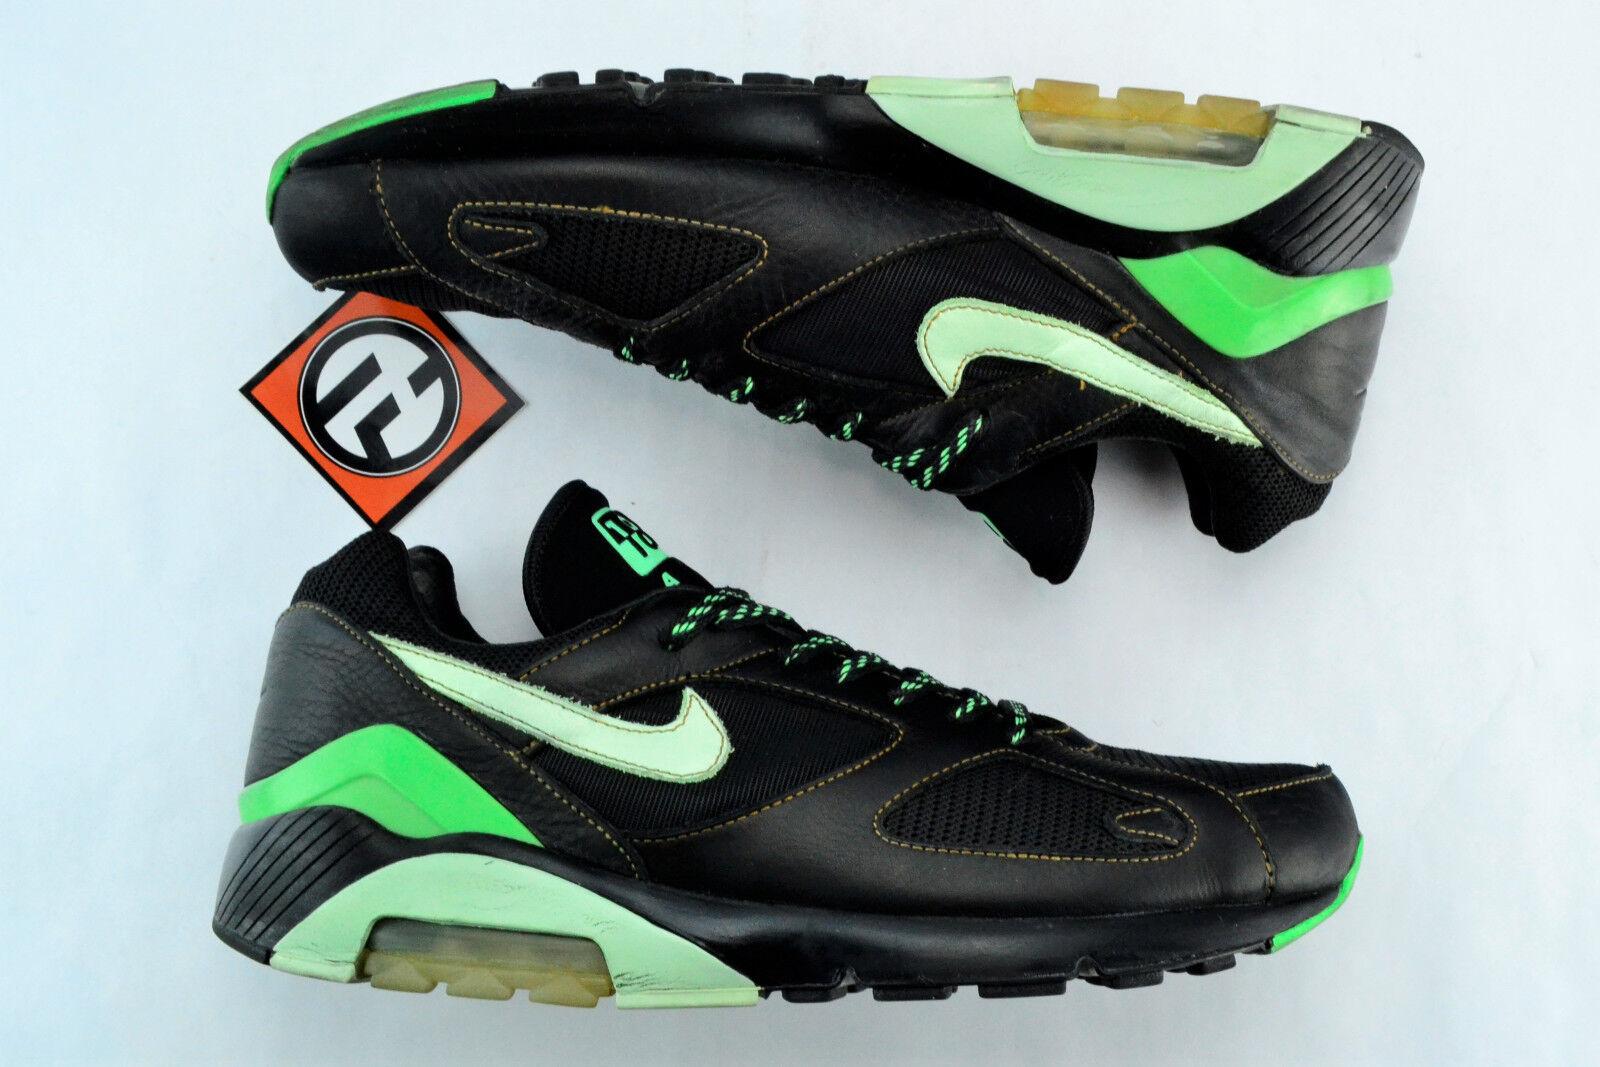 Nike Air Max 180 Nero Menta Menta Menta Veleno Verde Taglia 13 611m 310155 031 | Negozio online di vendita  | prezzo di vendita  | La Vendita Calda  | Uomo/Donne Scarpa  | Uomo/Donna Scarpa  | Sig/Sig Ra Scarpa  c9a873